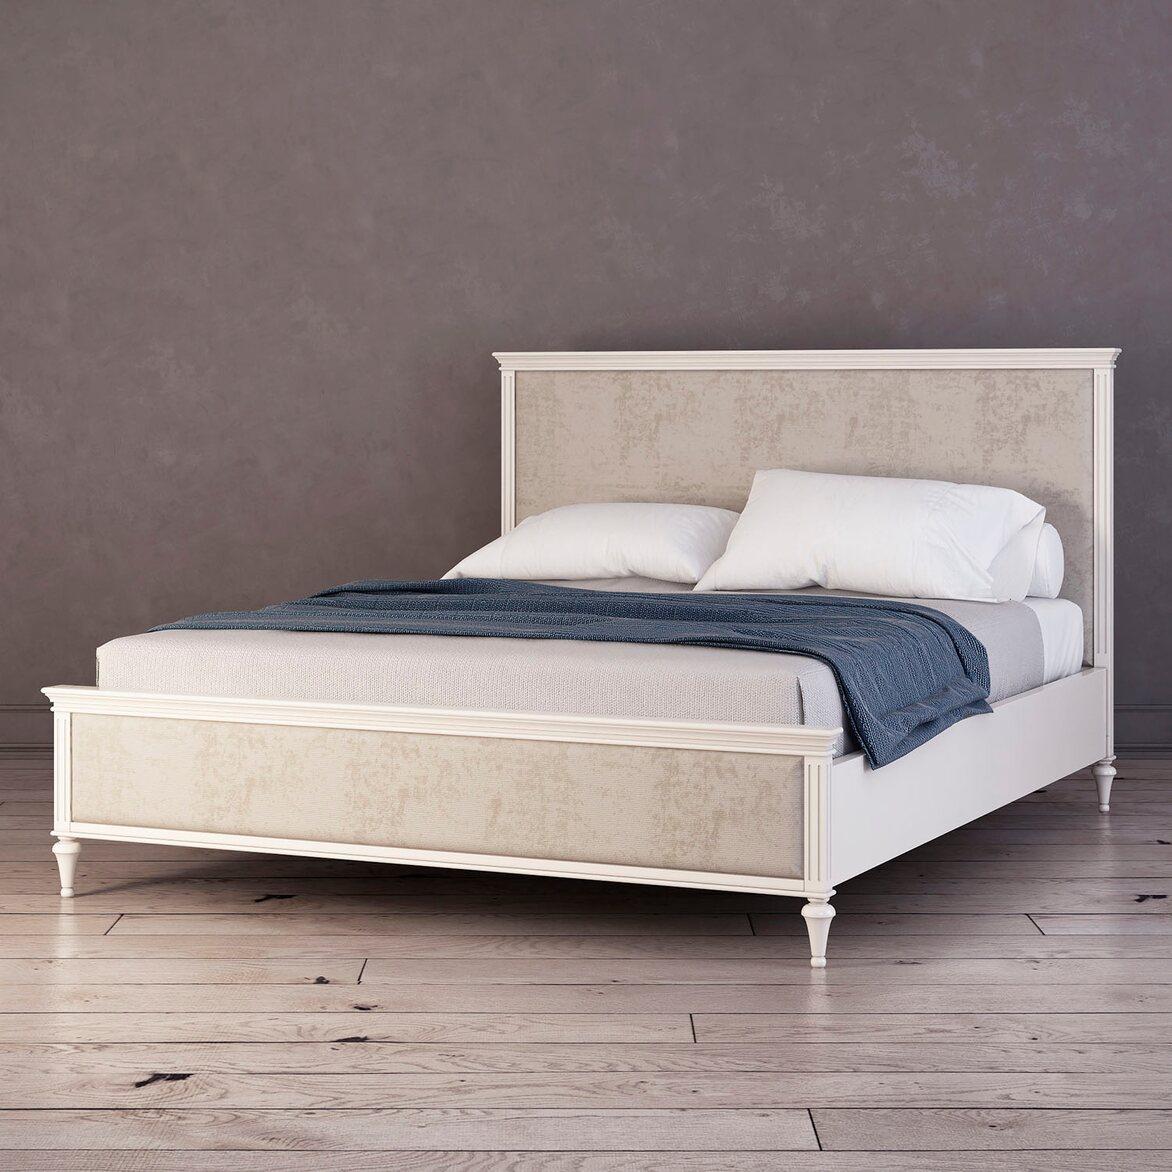 Кровать Riverdi с мягким изголовьем 2 | Двуспальные кровати Kingsby